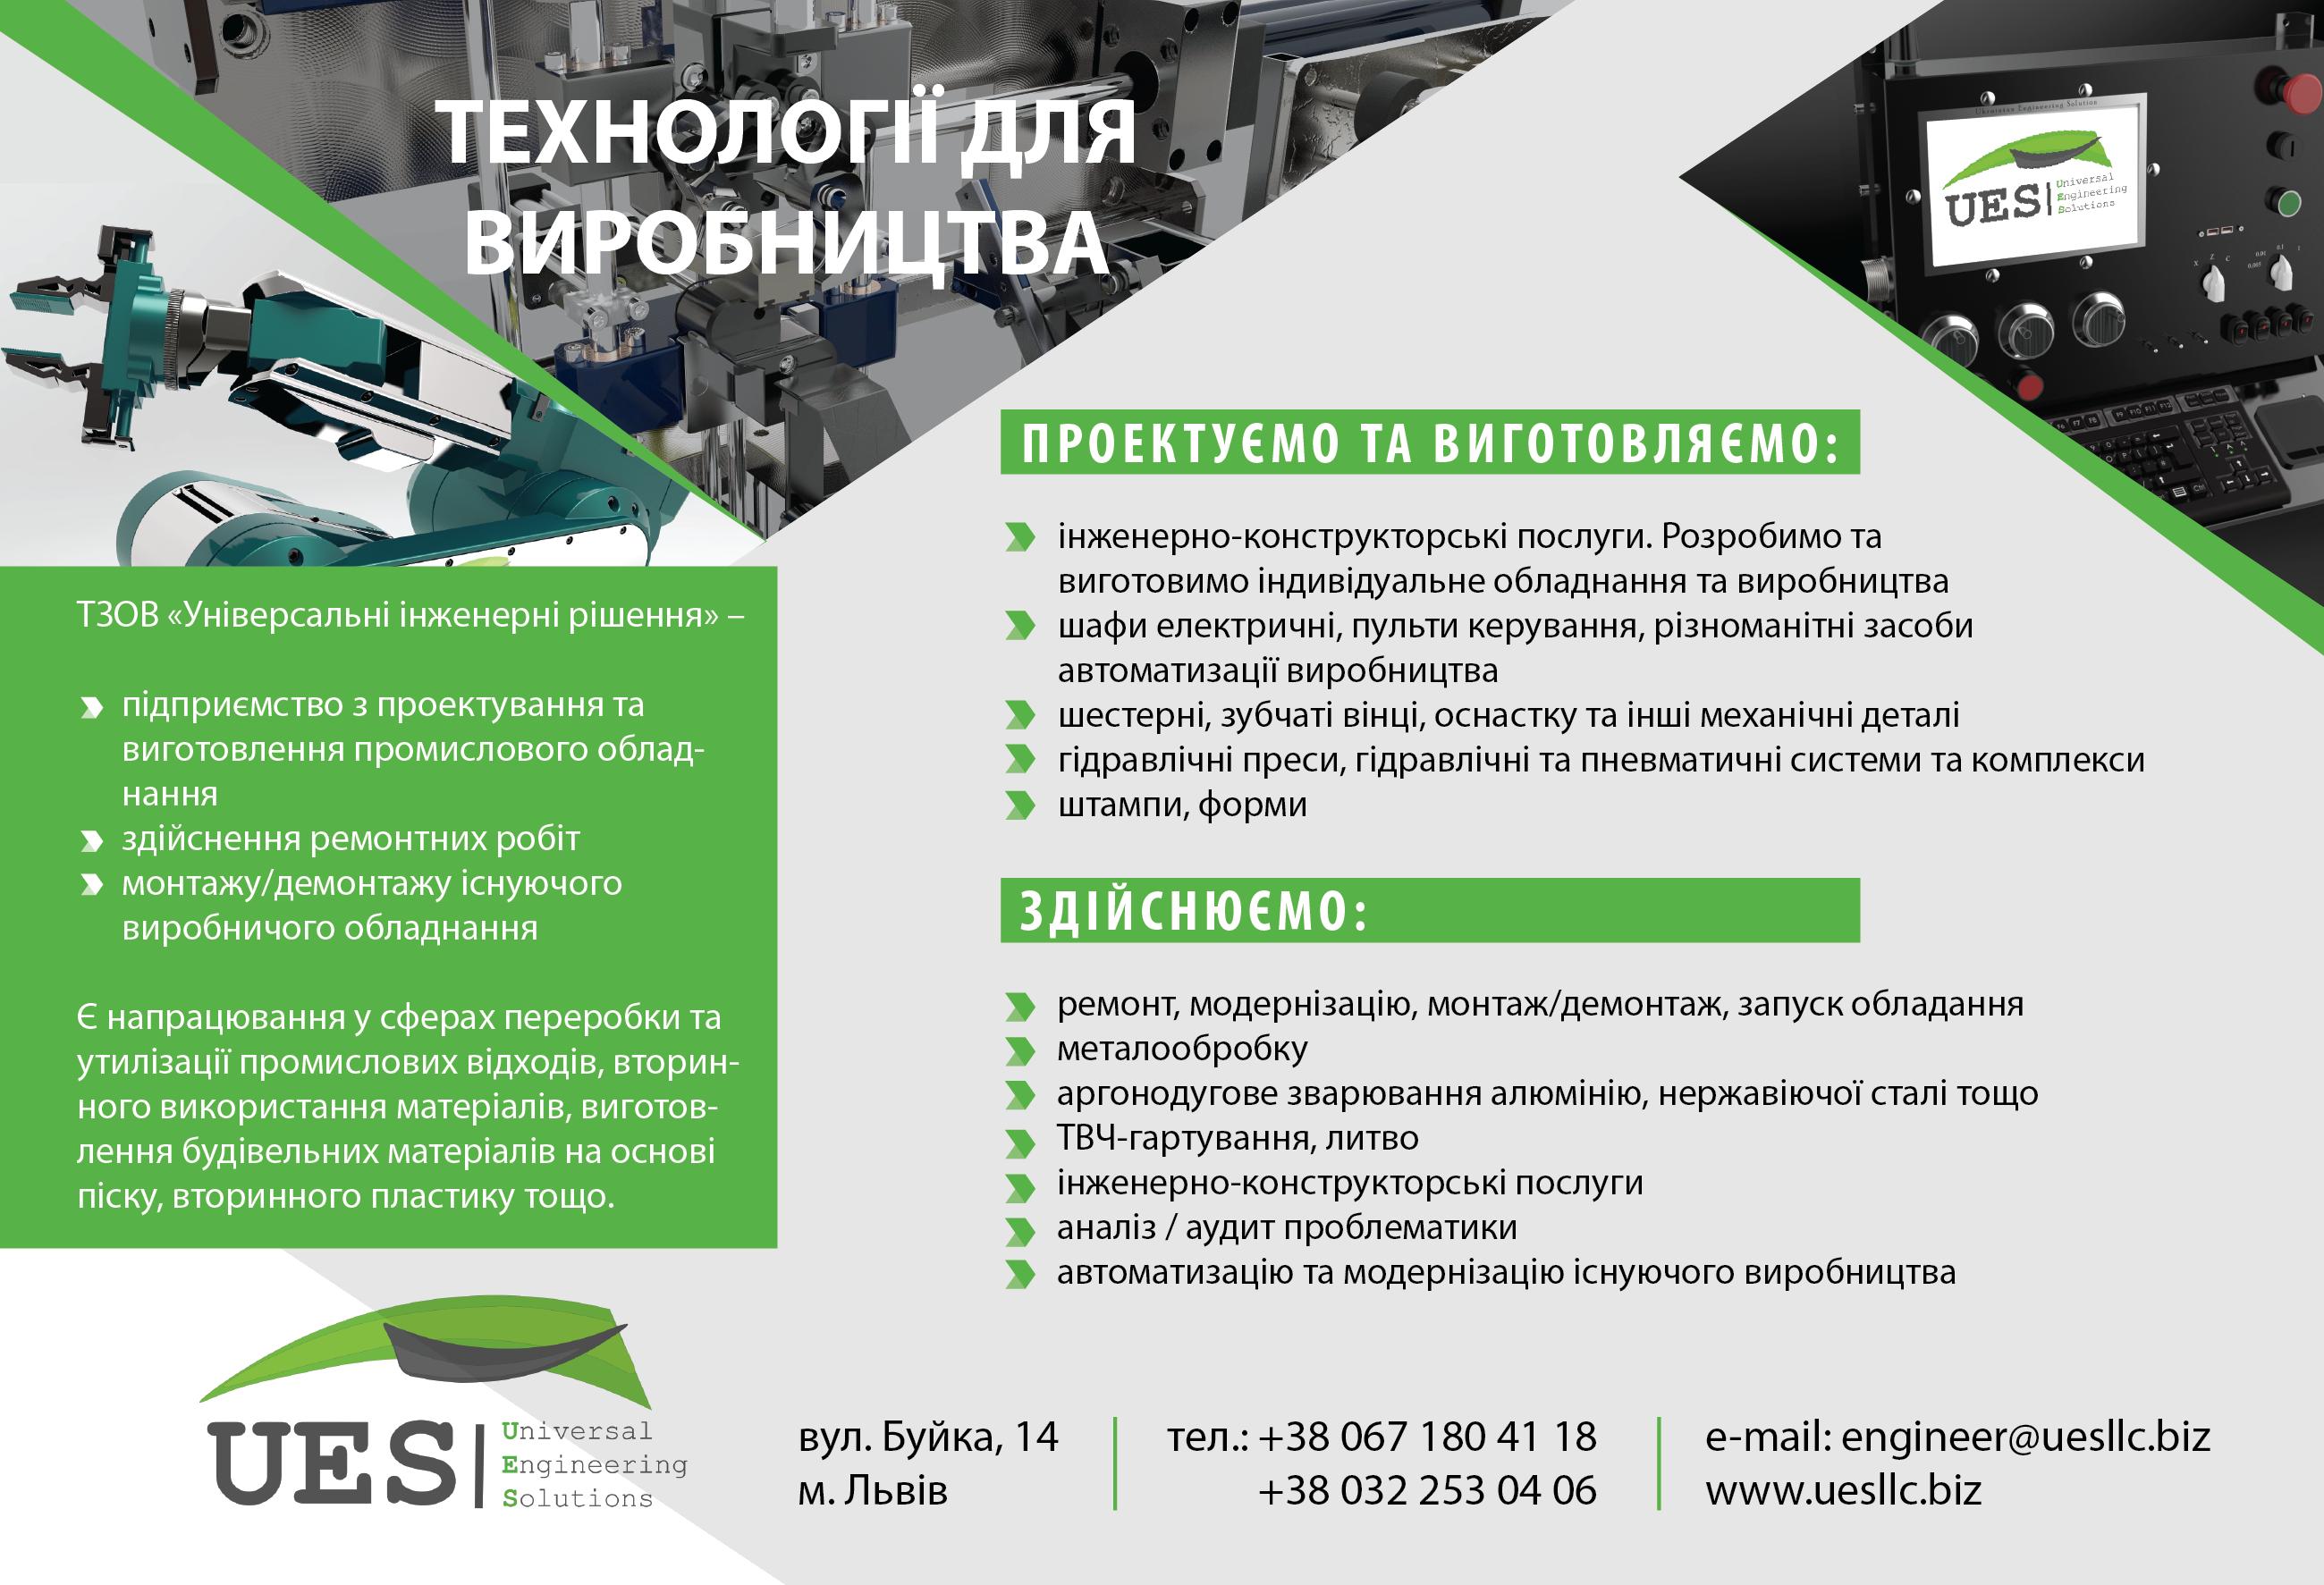 """Технології для виробництва від ТзОВ """"Універсальні інженерні рішення"""" 17bab1a29ec74"""